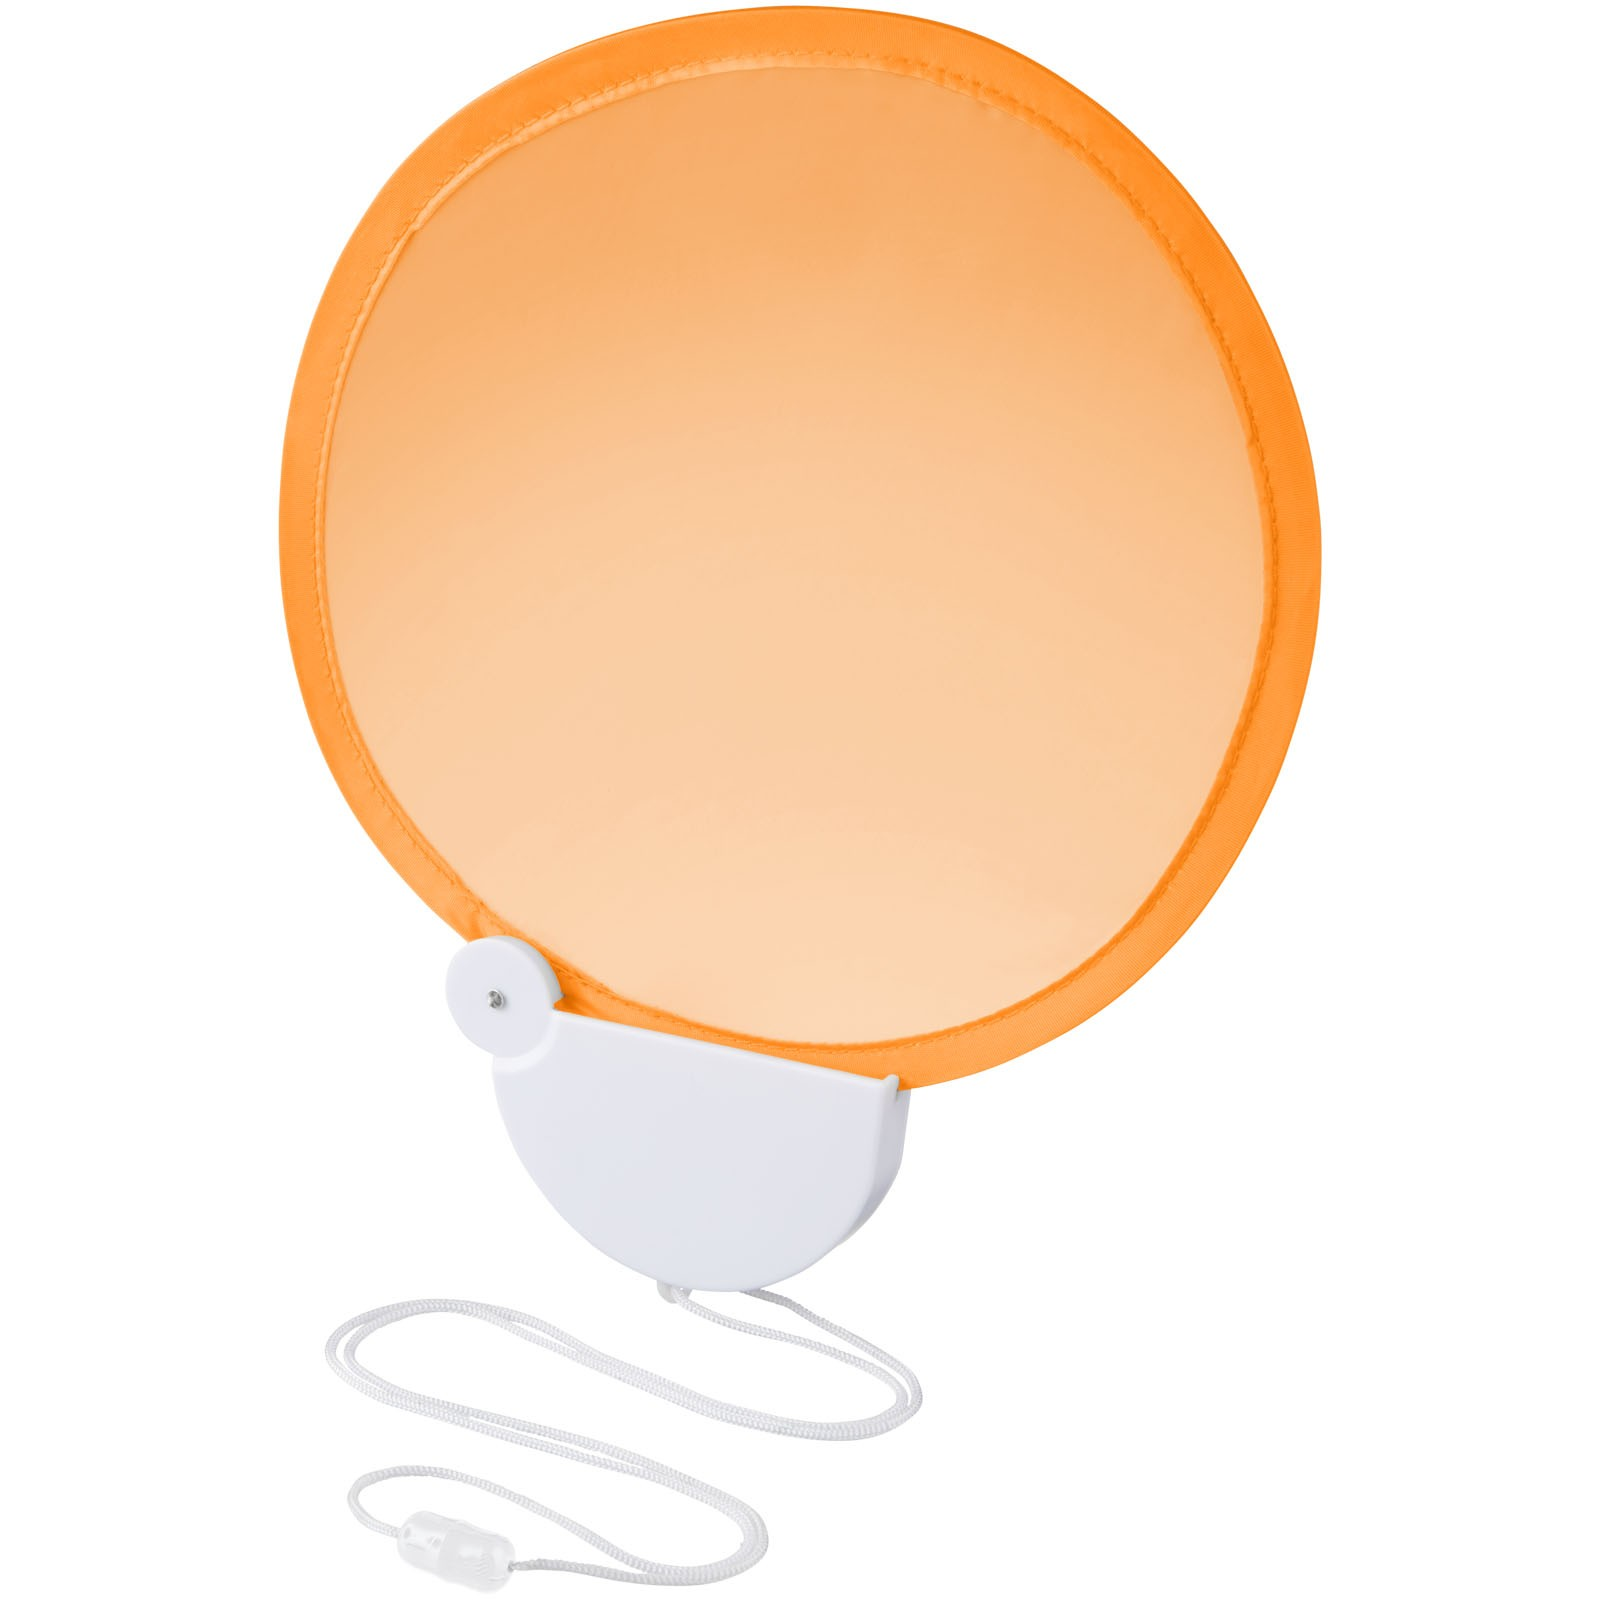 Składany wachlarz ręczny ze sznurkiem Breeze - Pomarańczowy / Biały